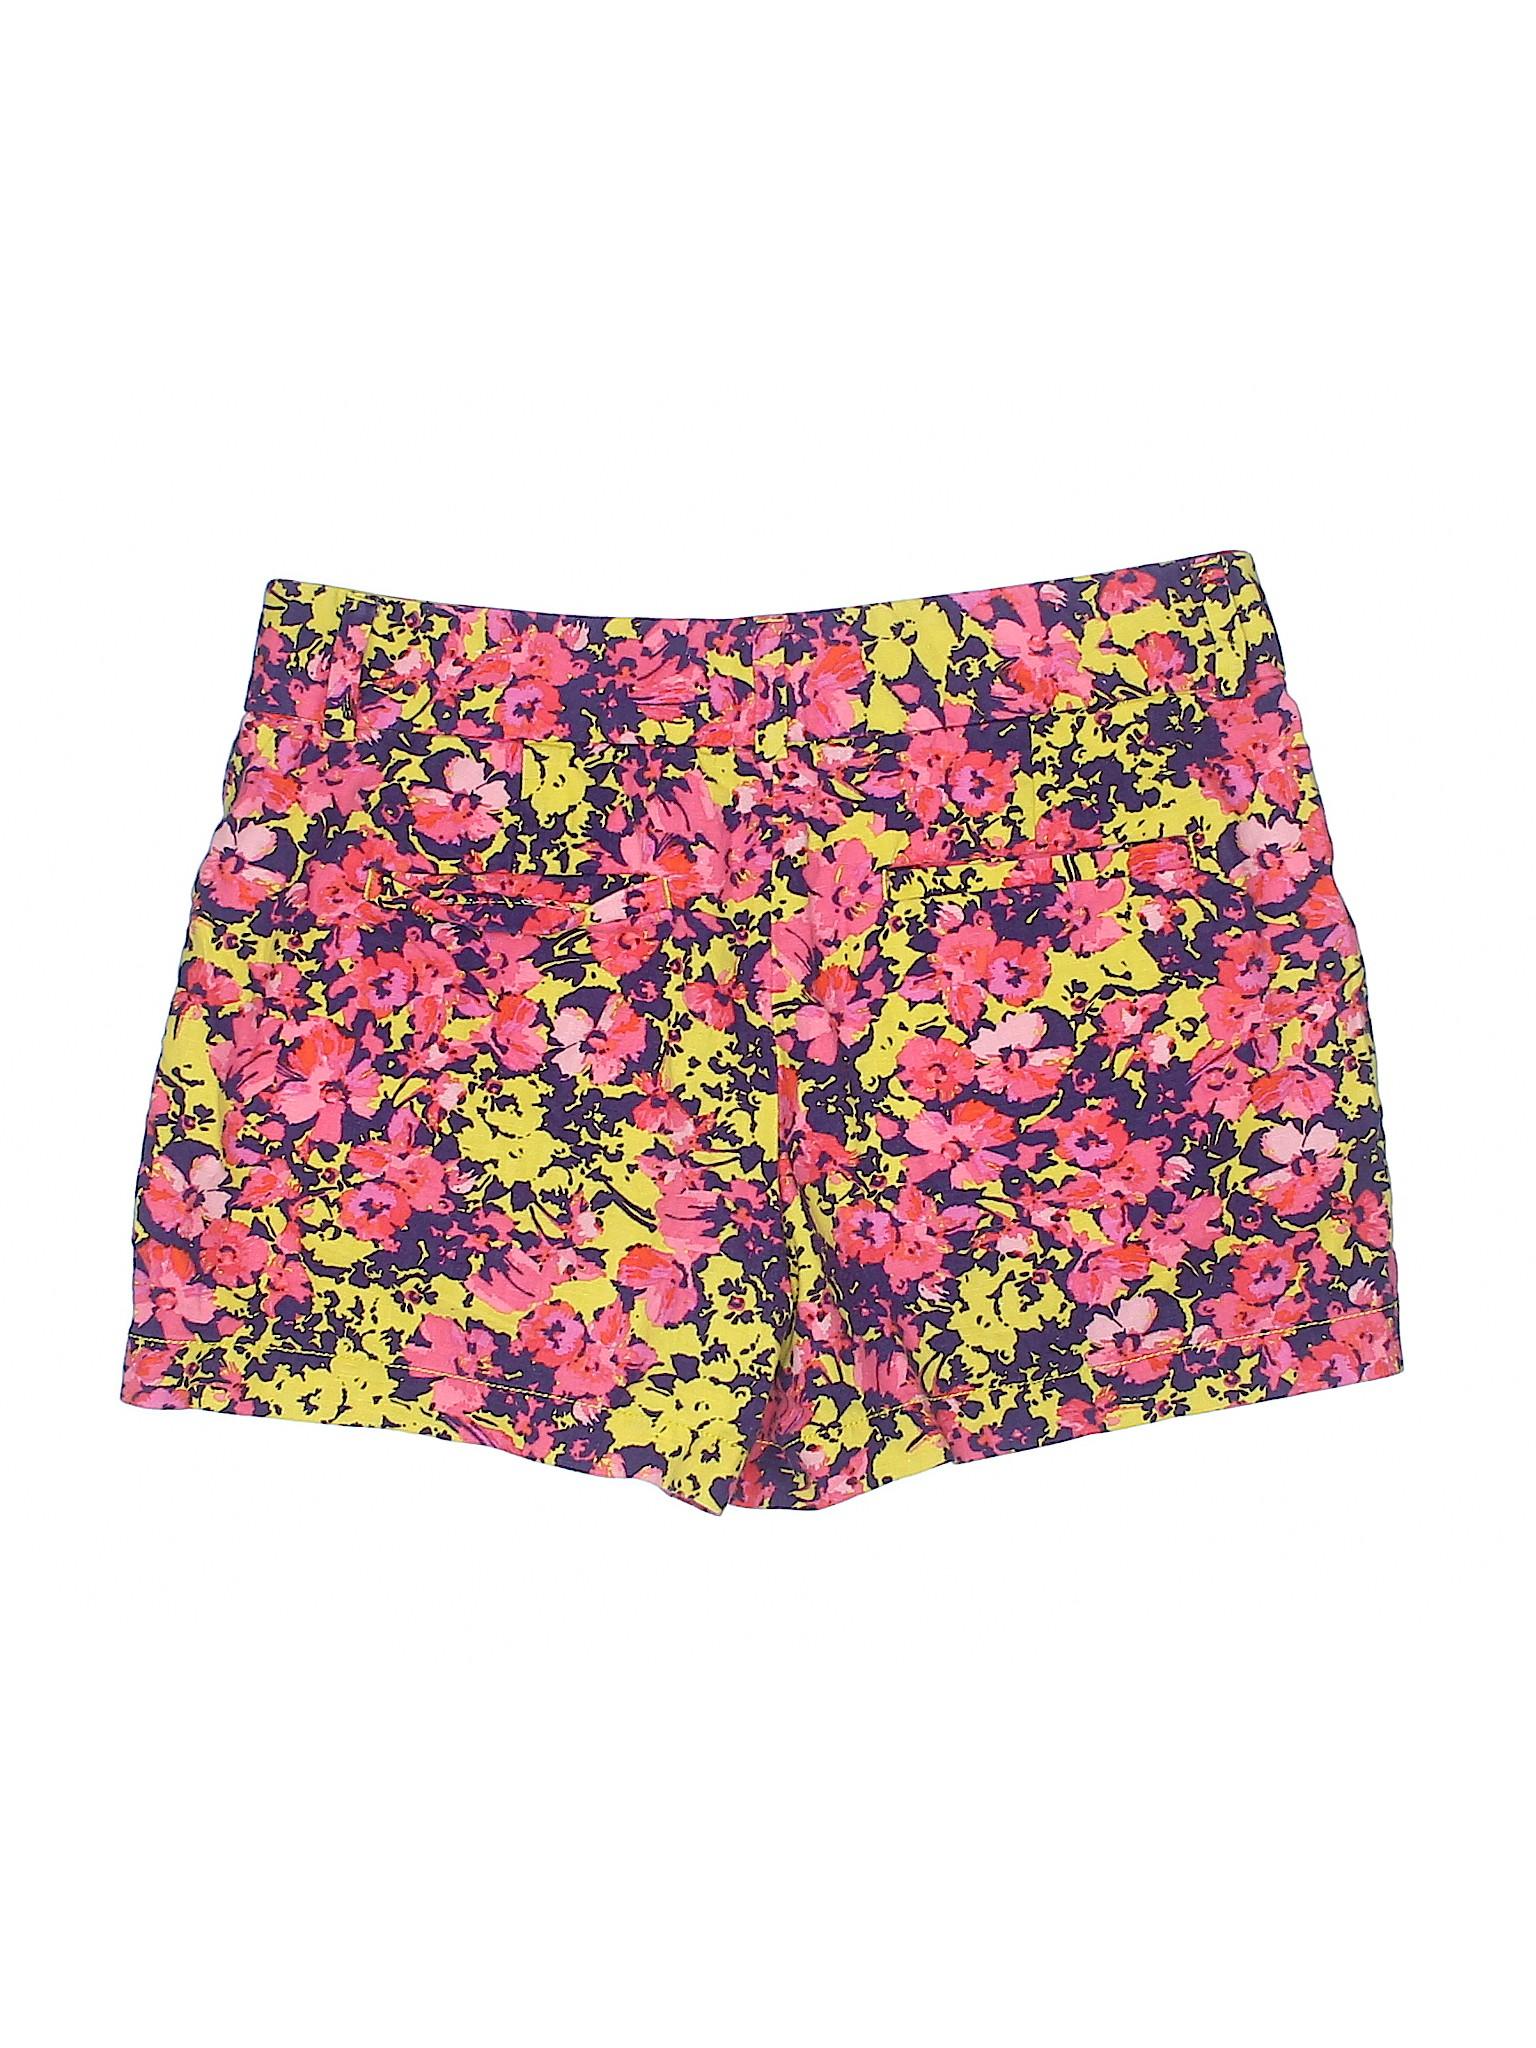 Taylor Boutique Ann Taylor LOFT Boutique Shorts Ann ZqI7UI